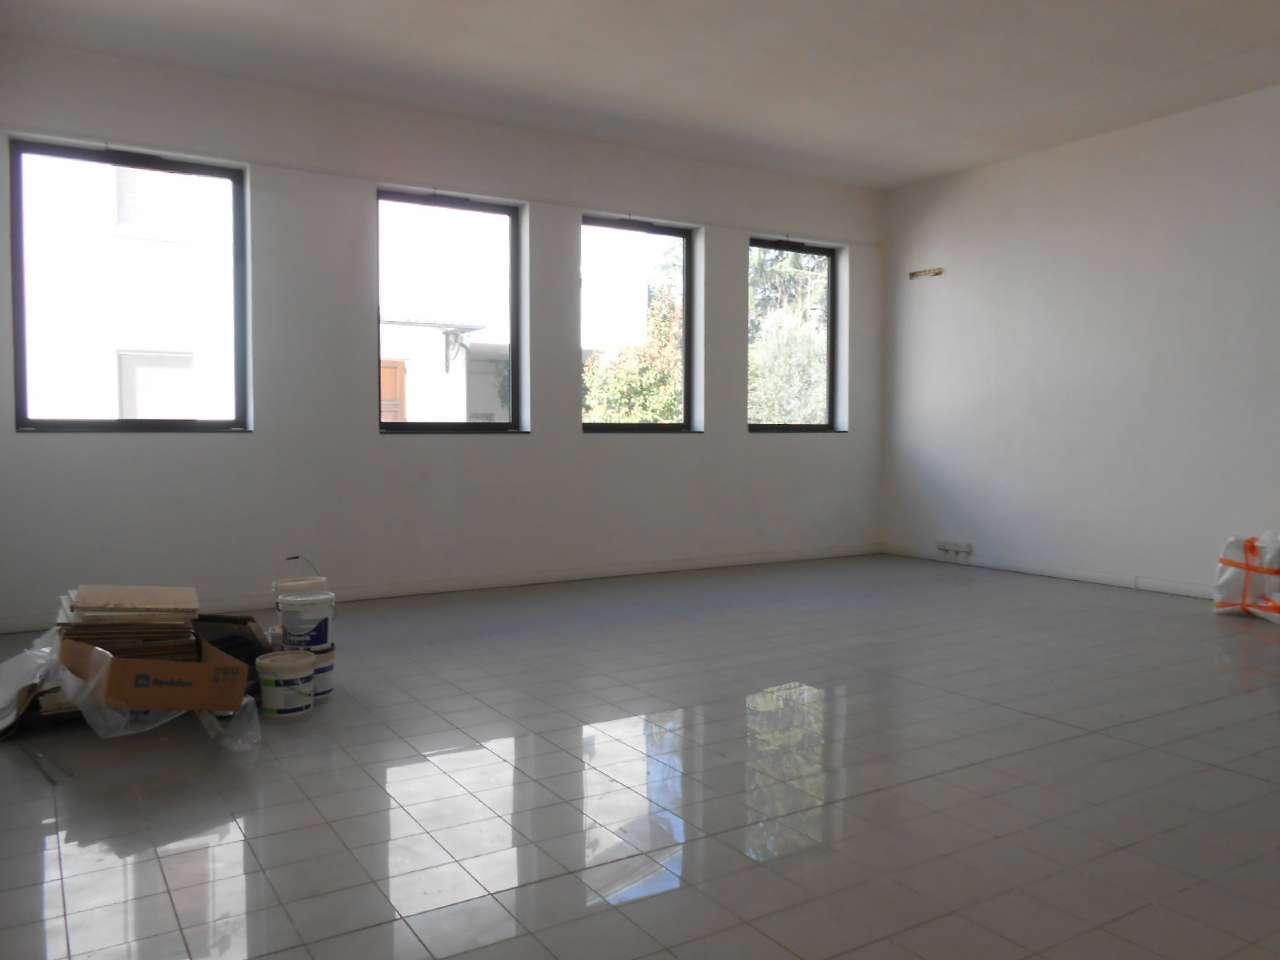 Ufficio / Studio in affitto a Madignano, 2 locali, prezzo € 650 | PortaleAgenzieImmobiliari.it